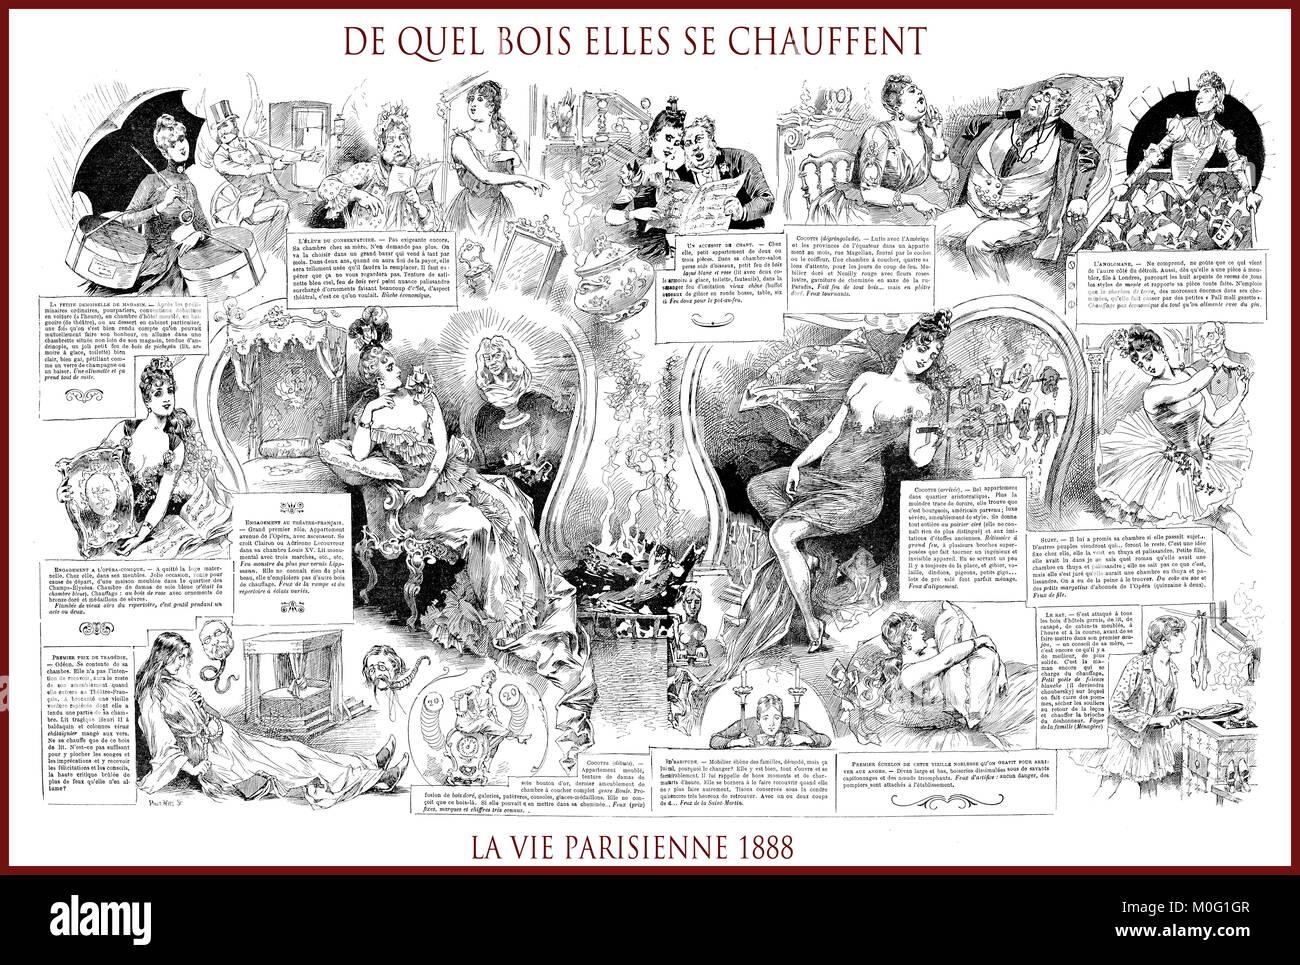 French satirical magazine La vie Parisienne 1888, central page: de quel bois elles se chauffent , humor, caricatures, Stock Photo